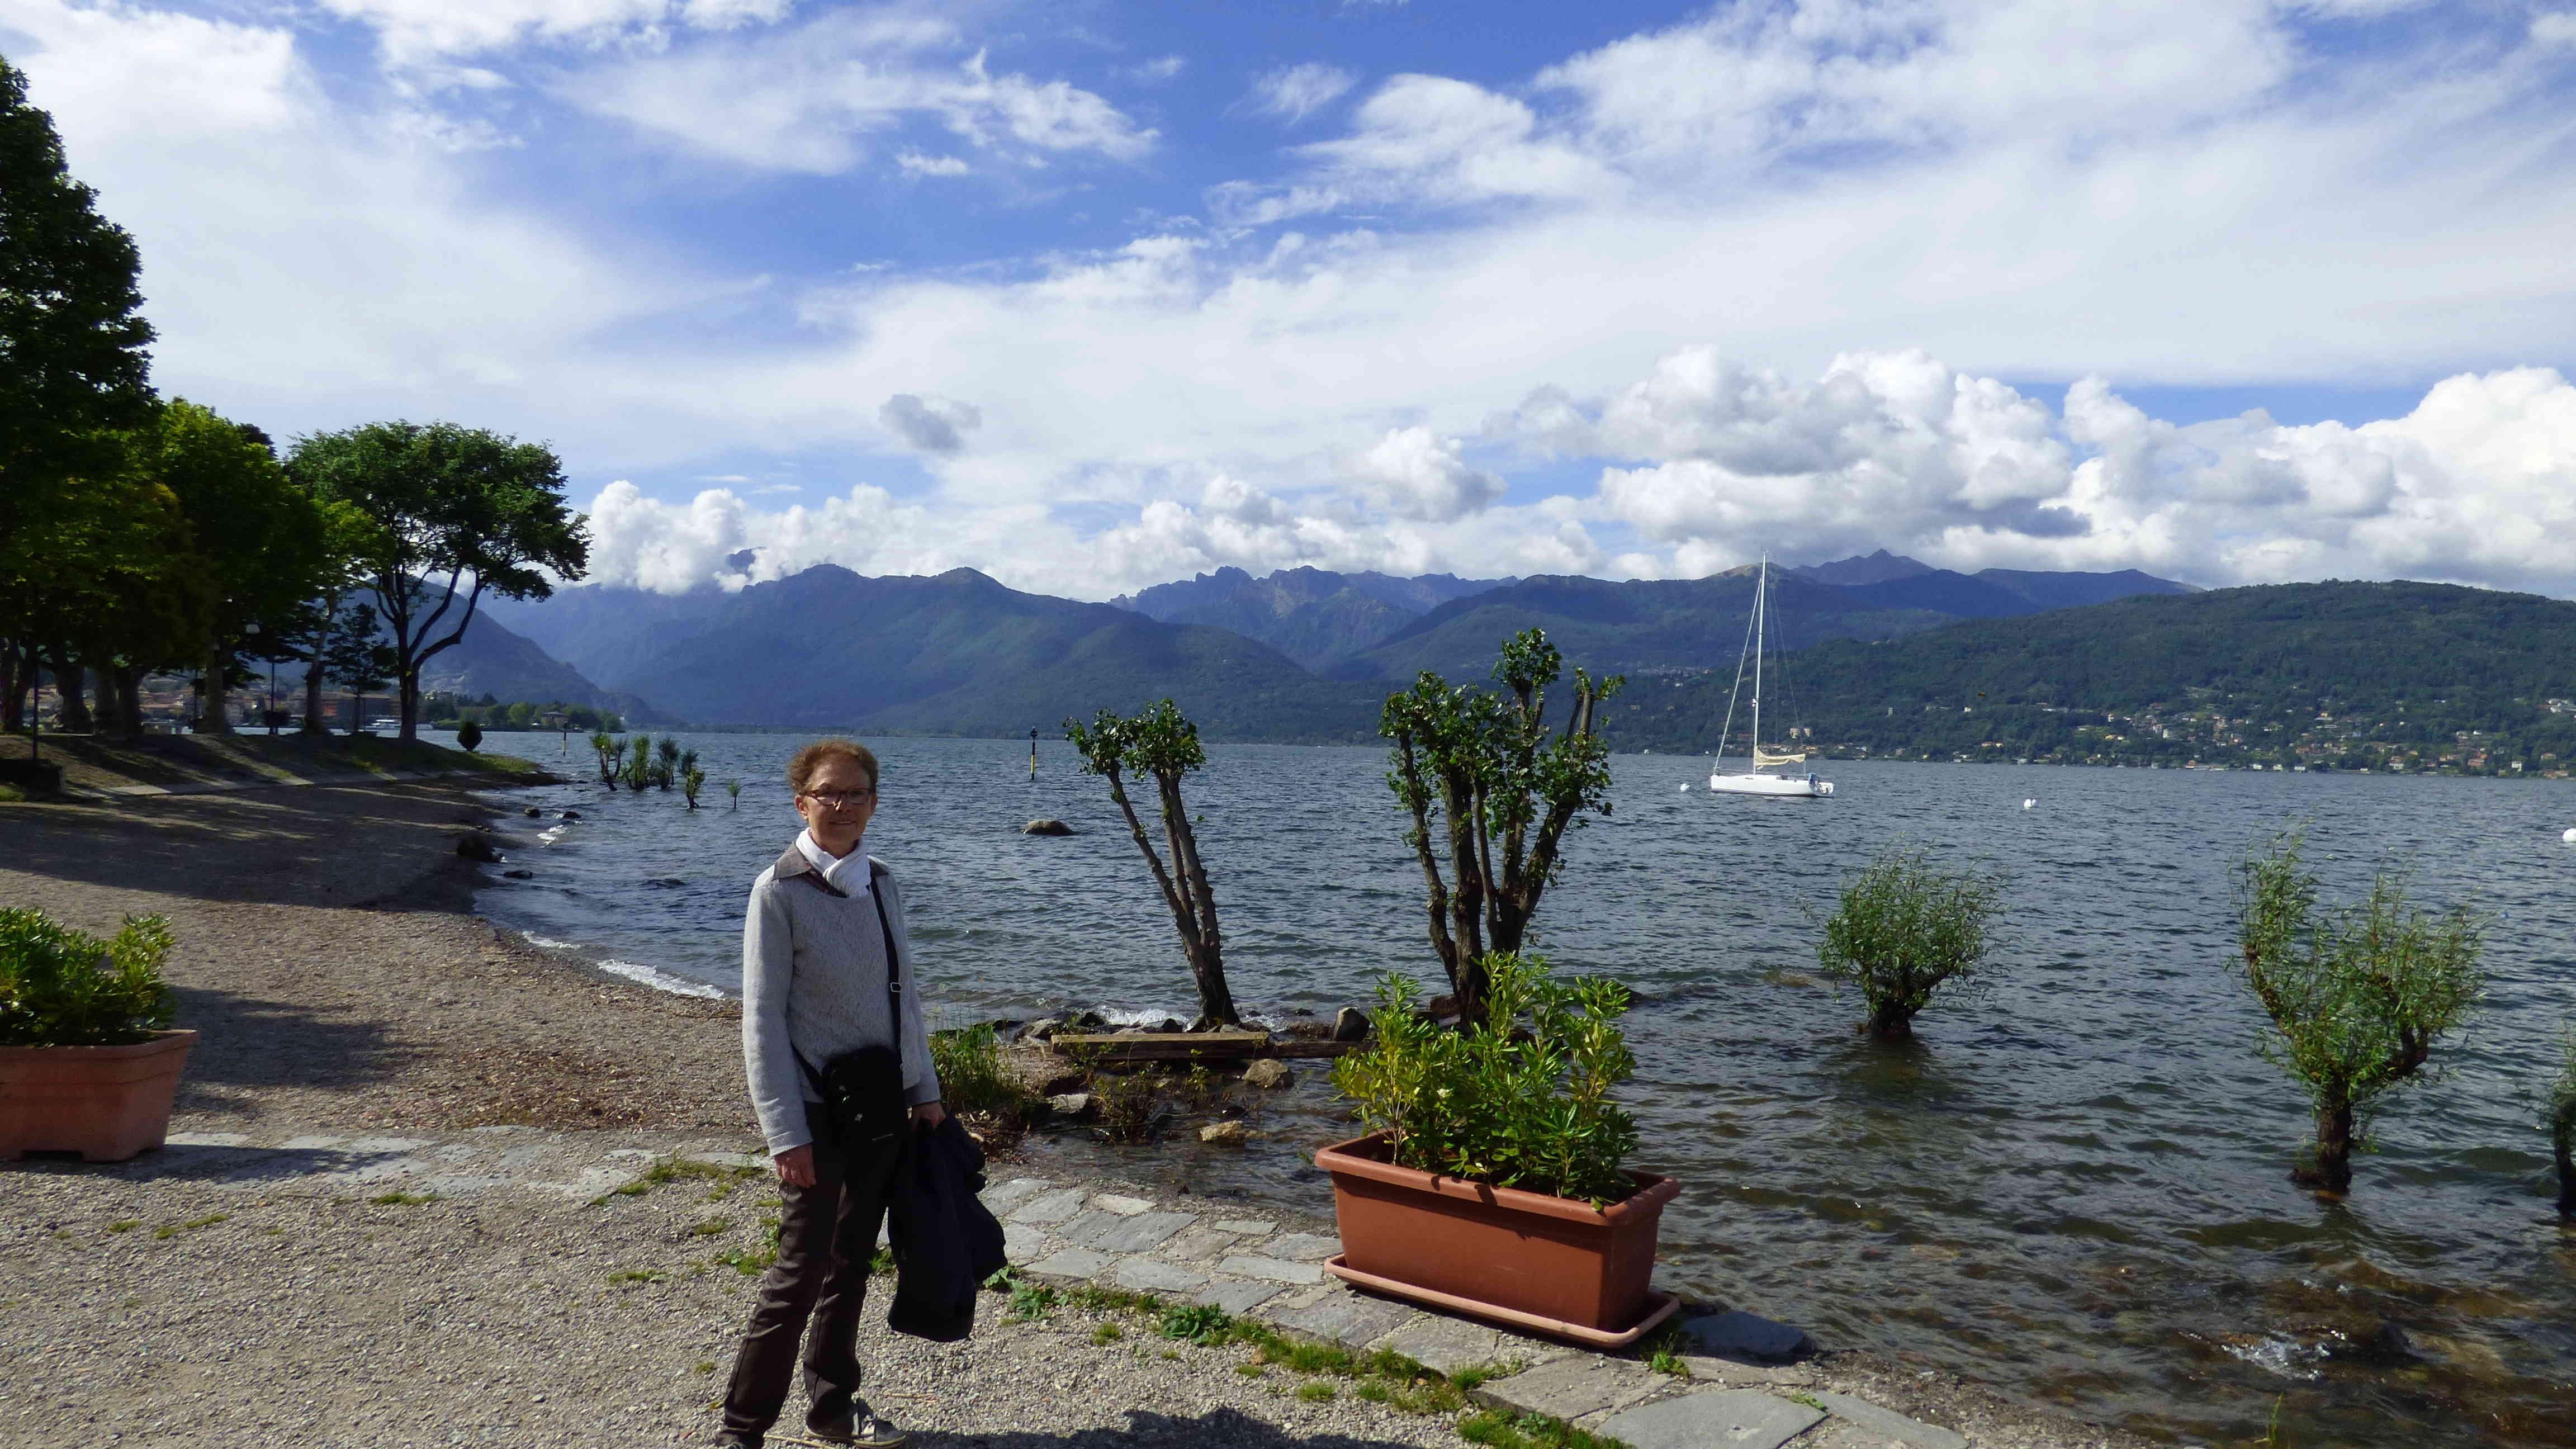 Au retour de vacances dans la région des lacs Italiens P1030119